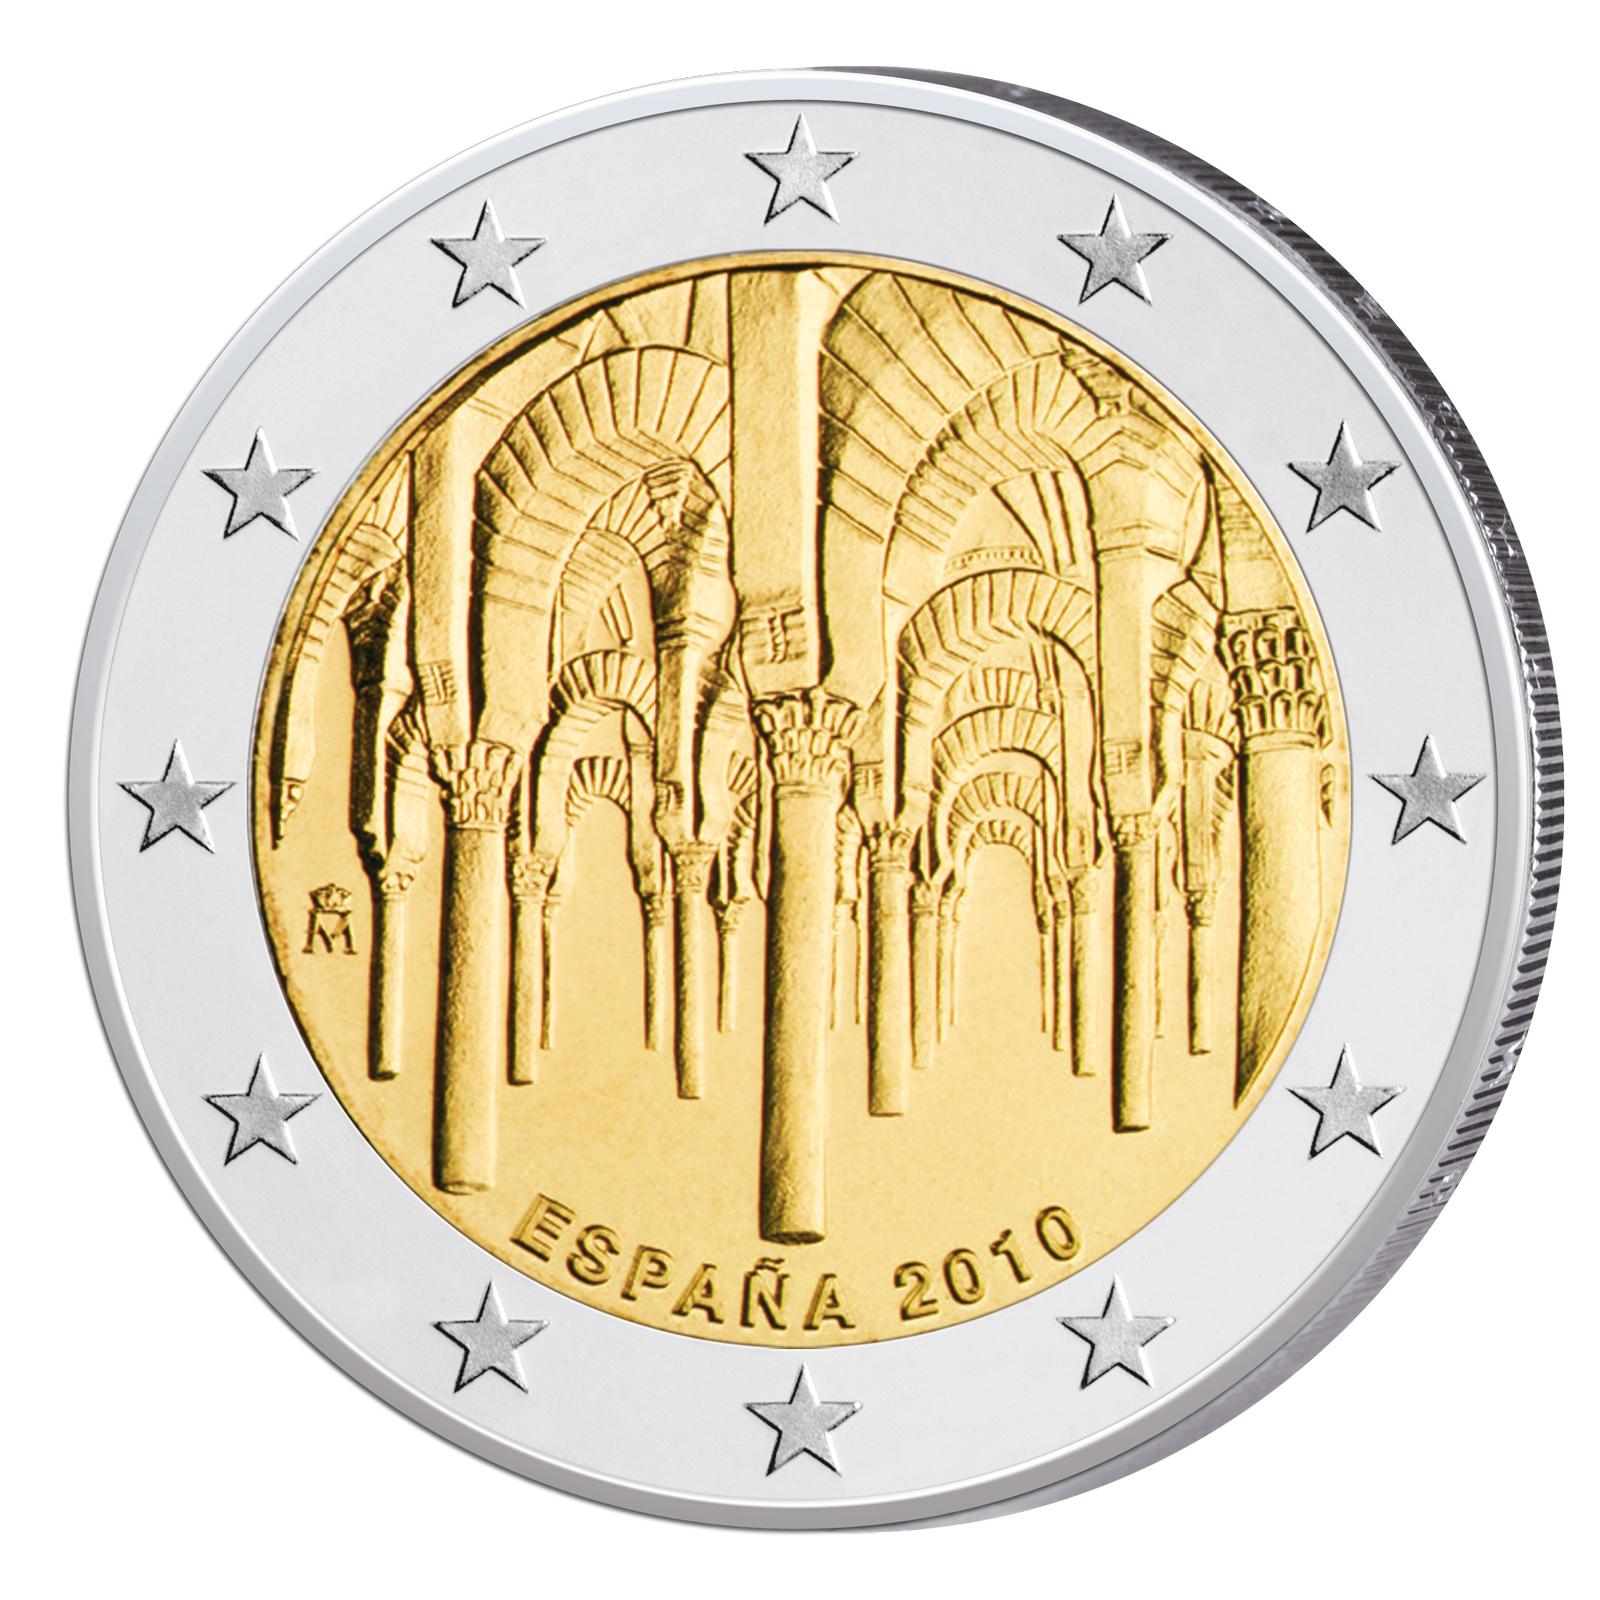 Spaniens 2 Euro Gedenkmünzen Der Unesco Serie Ein überblick